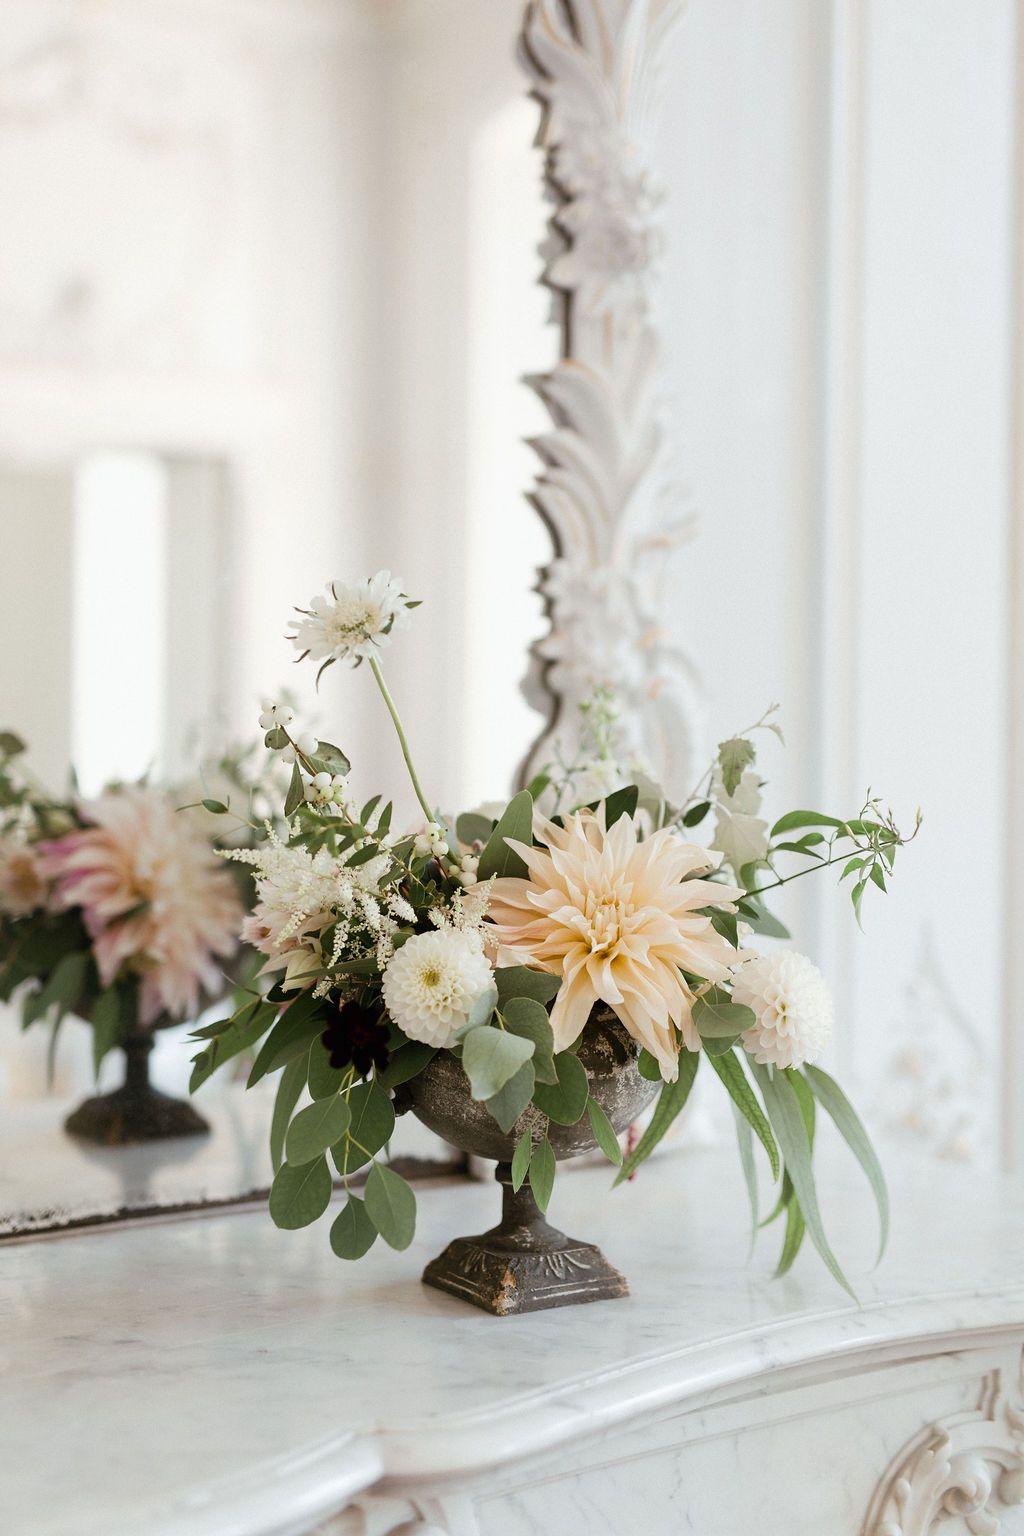 Centre de table floral pour mariage de printemps selon les